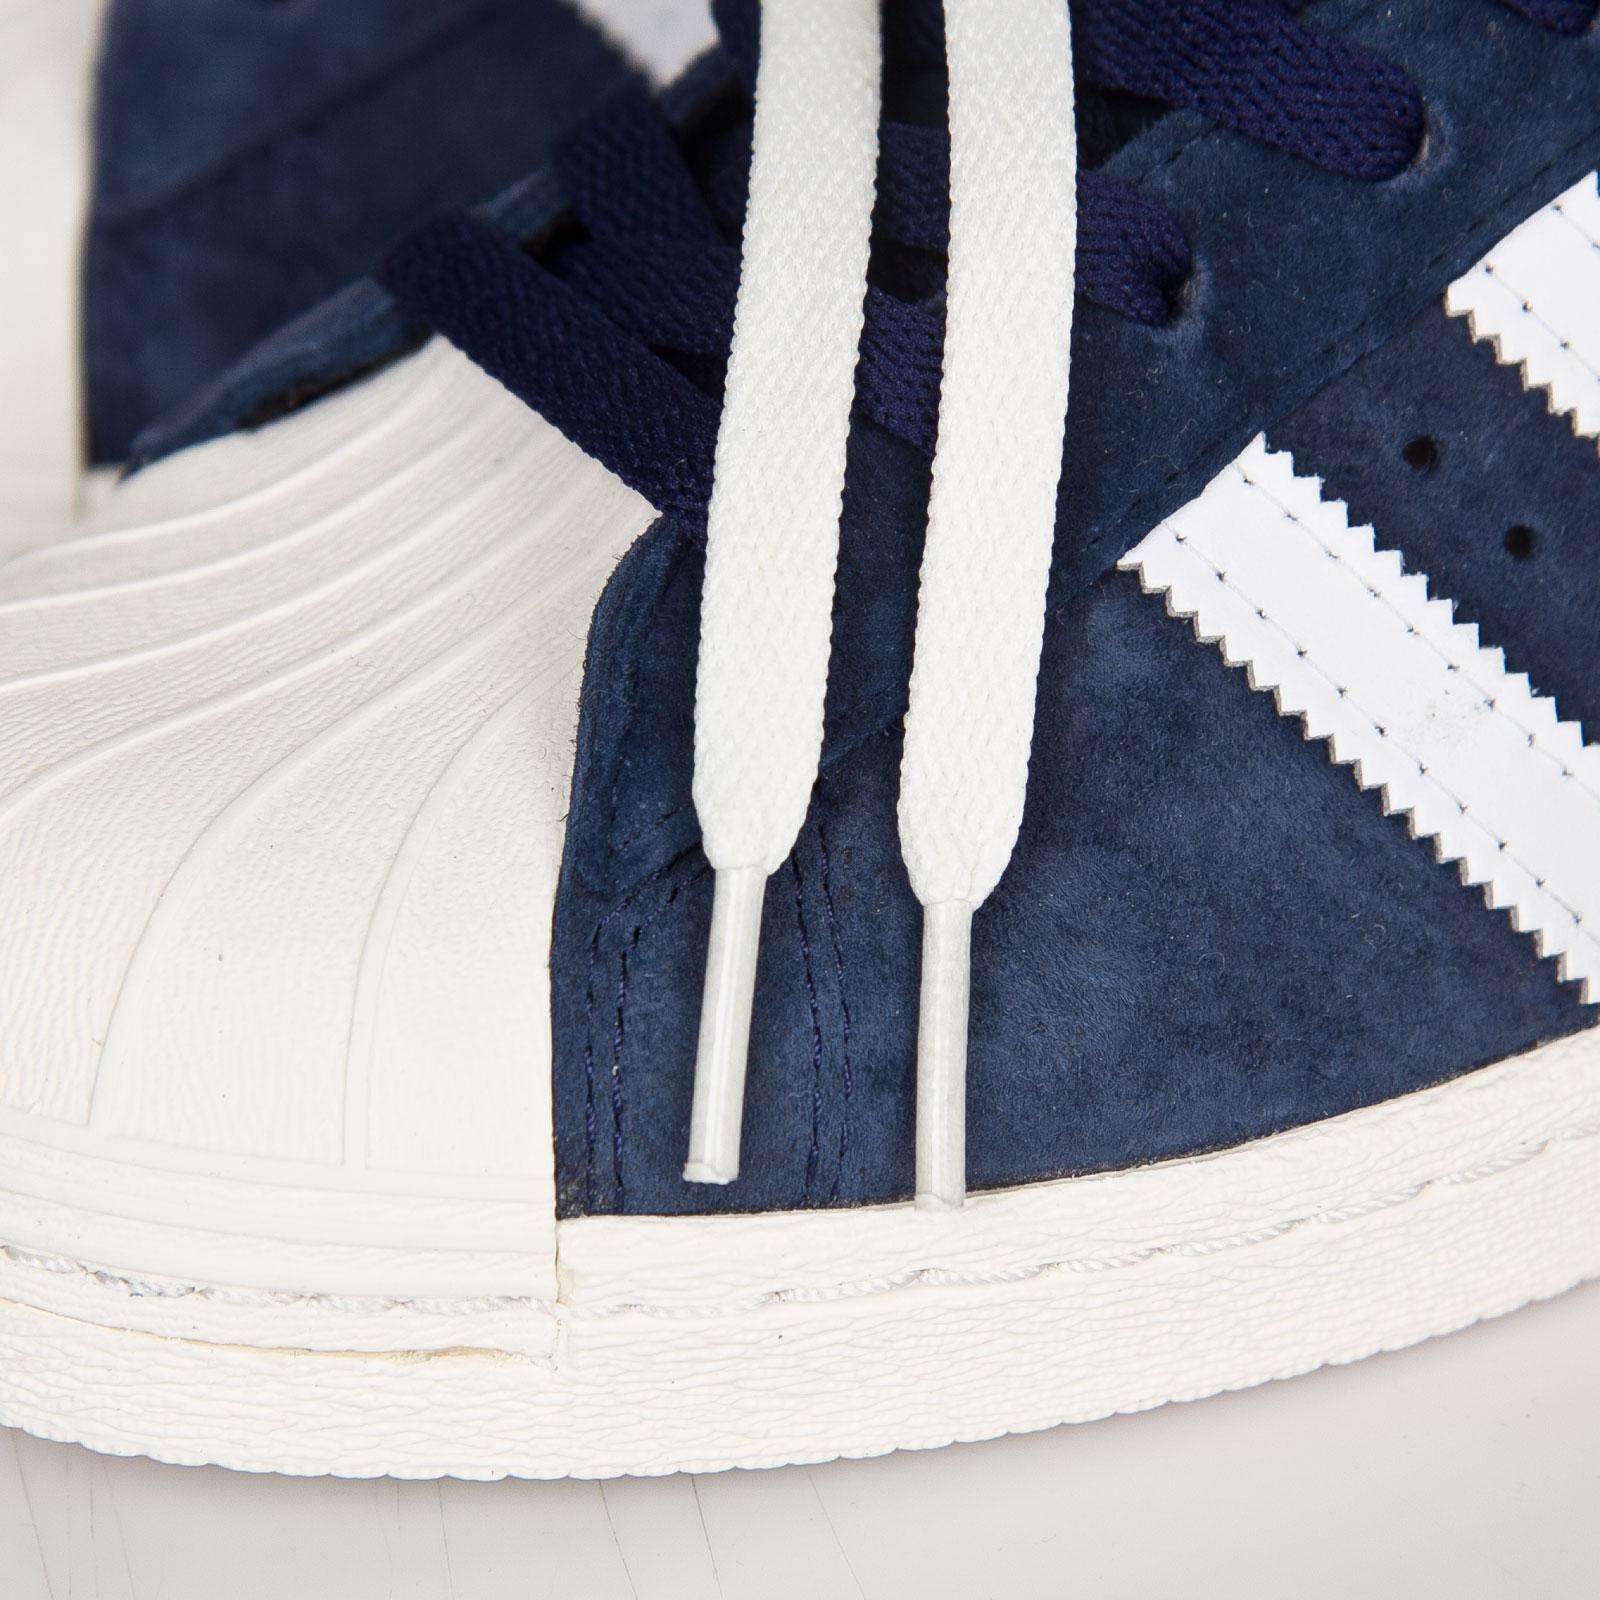 eff74019888 adidas Superstar 80s Deluxe Suede - B35988 - Sneakersnstuff ...